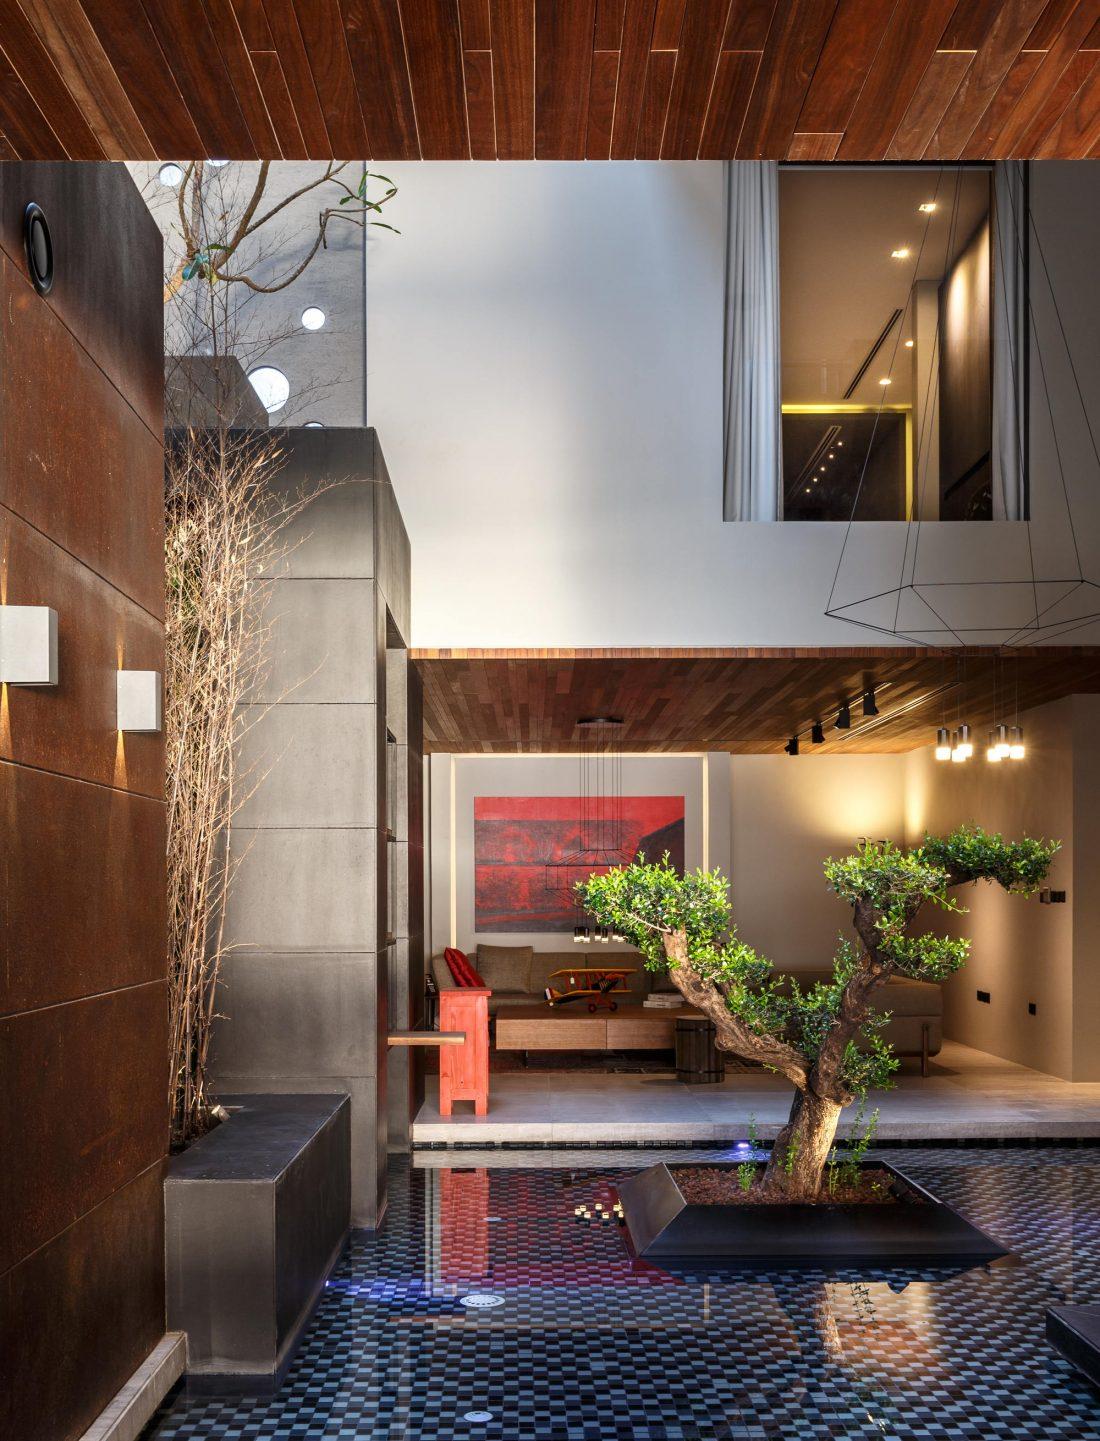 Вилла ААК масштабный эклектичный проект от студии MORIQ 19